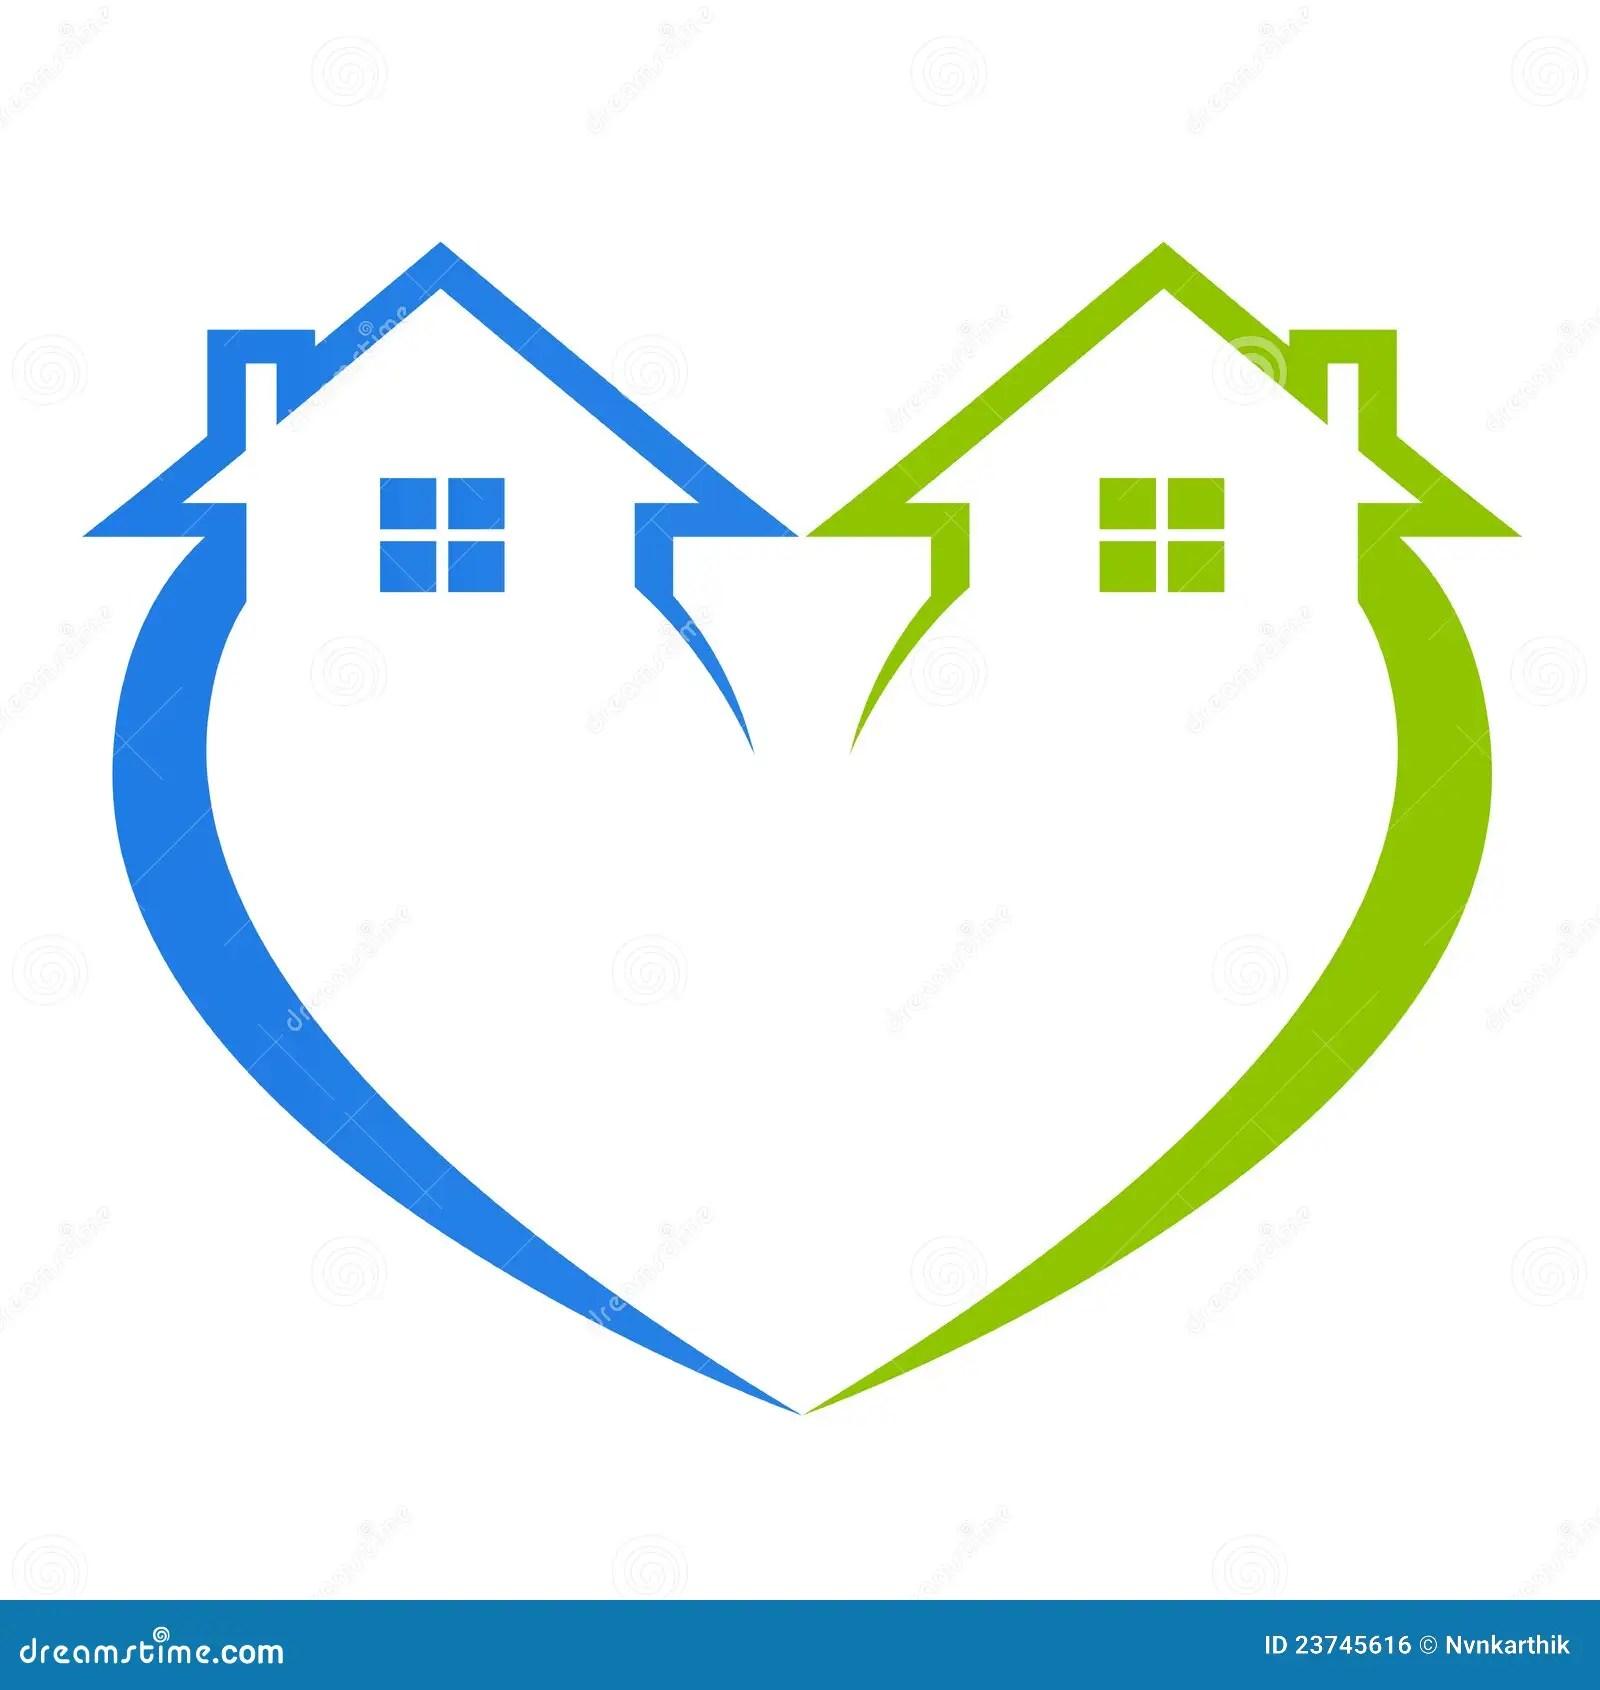 Home Construction Logos Clip Art